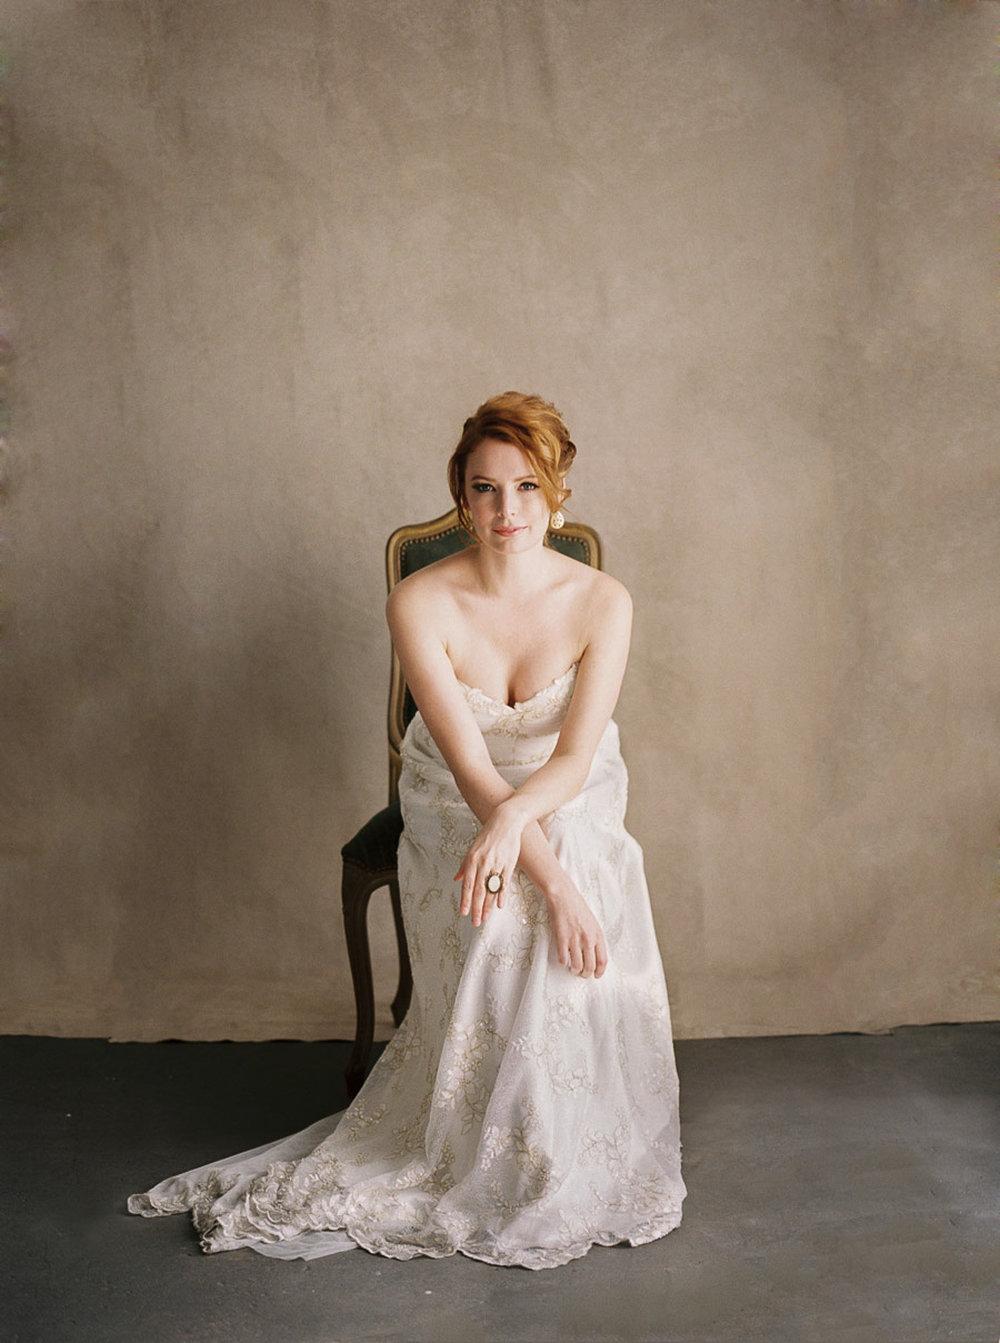 Lara_Lam_Vintage_Heirloom_wedding_photographer_Etablir_shop_vintage_rental22.jpg